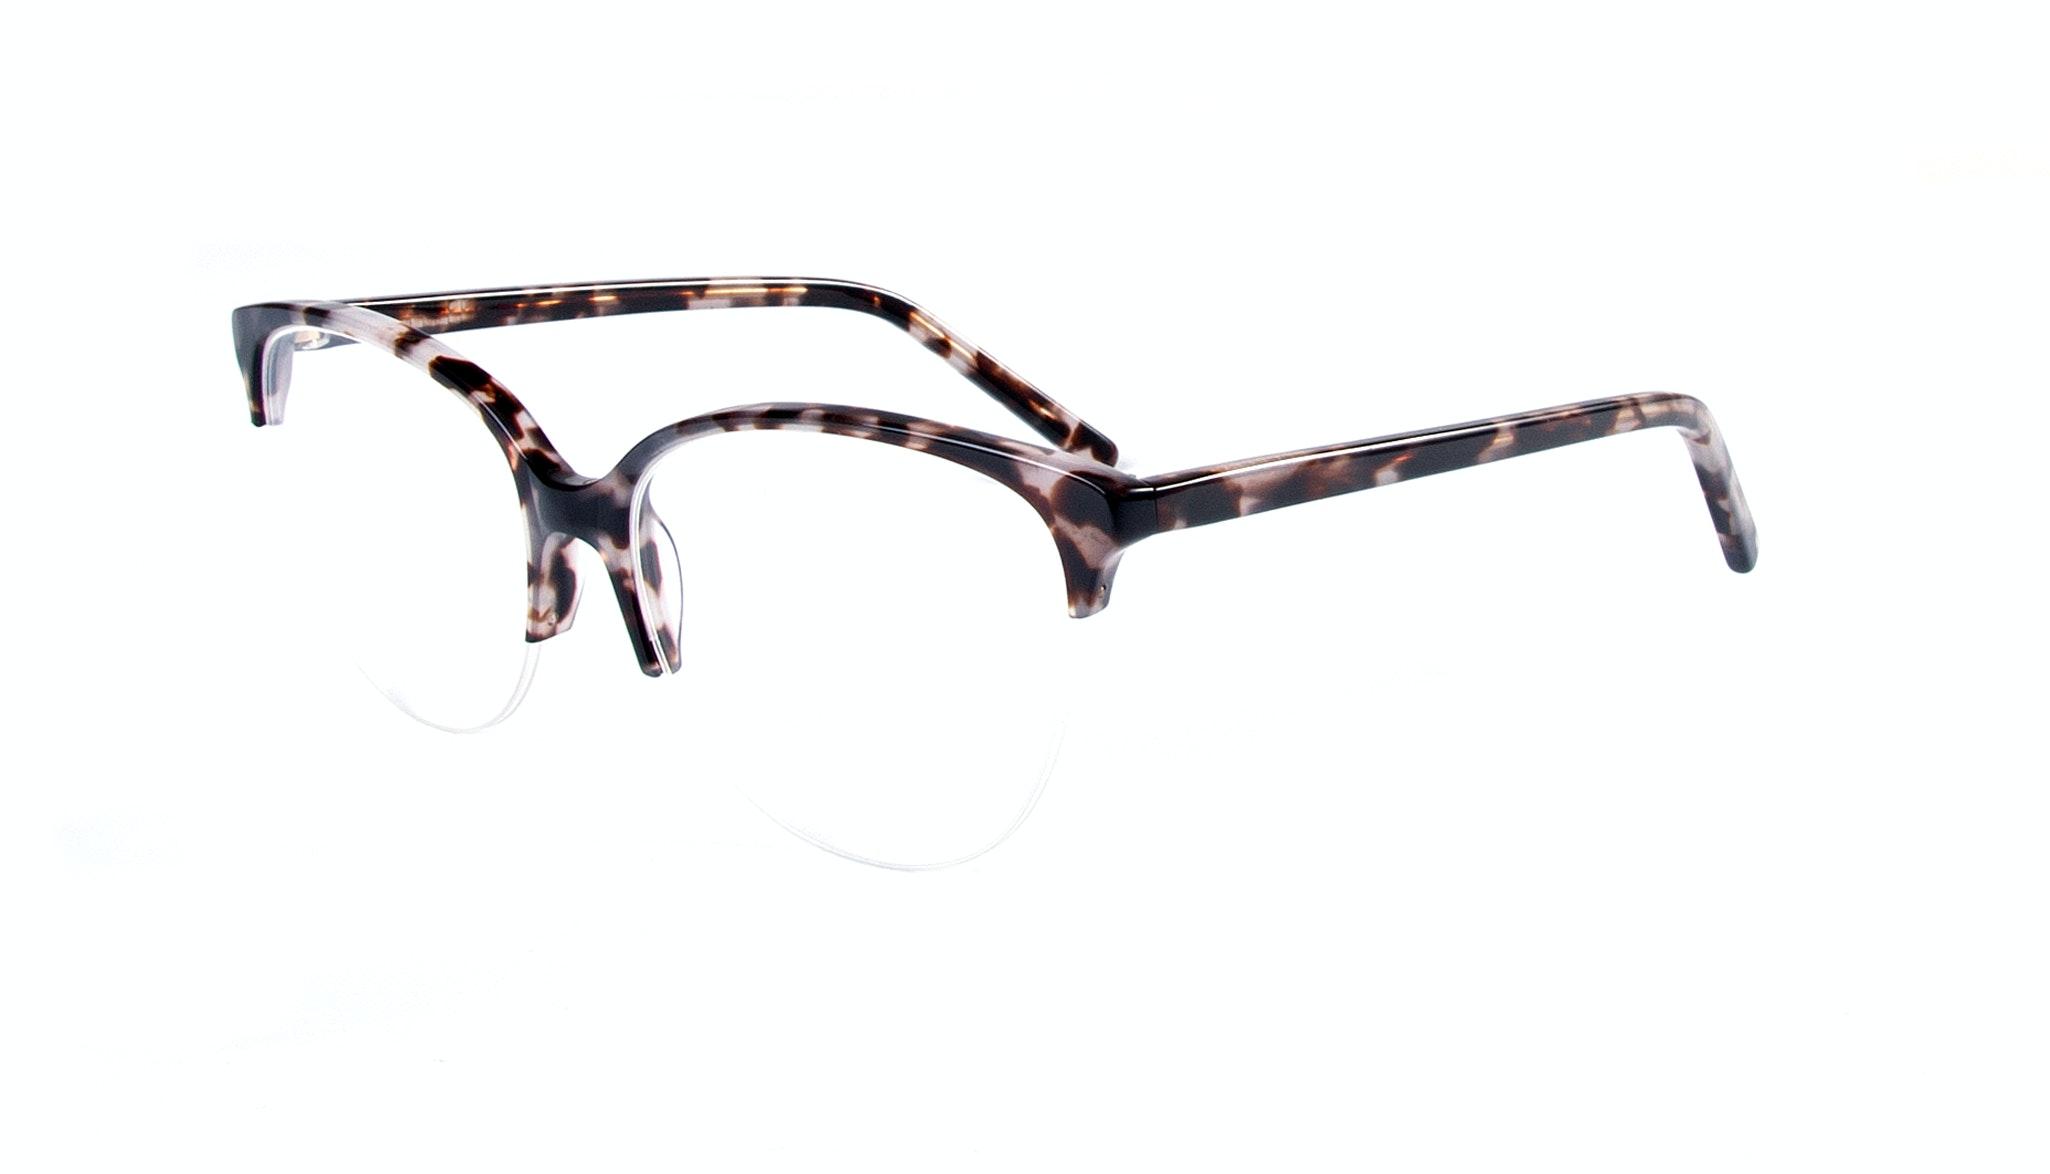 Affordable Fashion Glasses Cat Eye Round Semi-Rimless Eyeglasses Women Imagine Light Mocha Tortoise Tilt